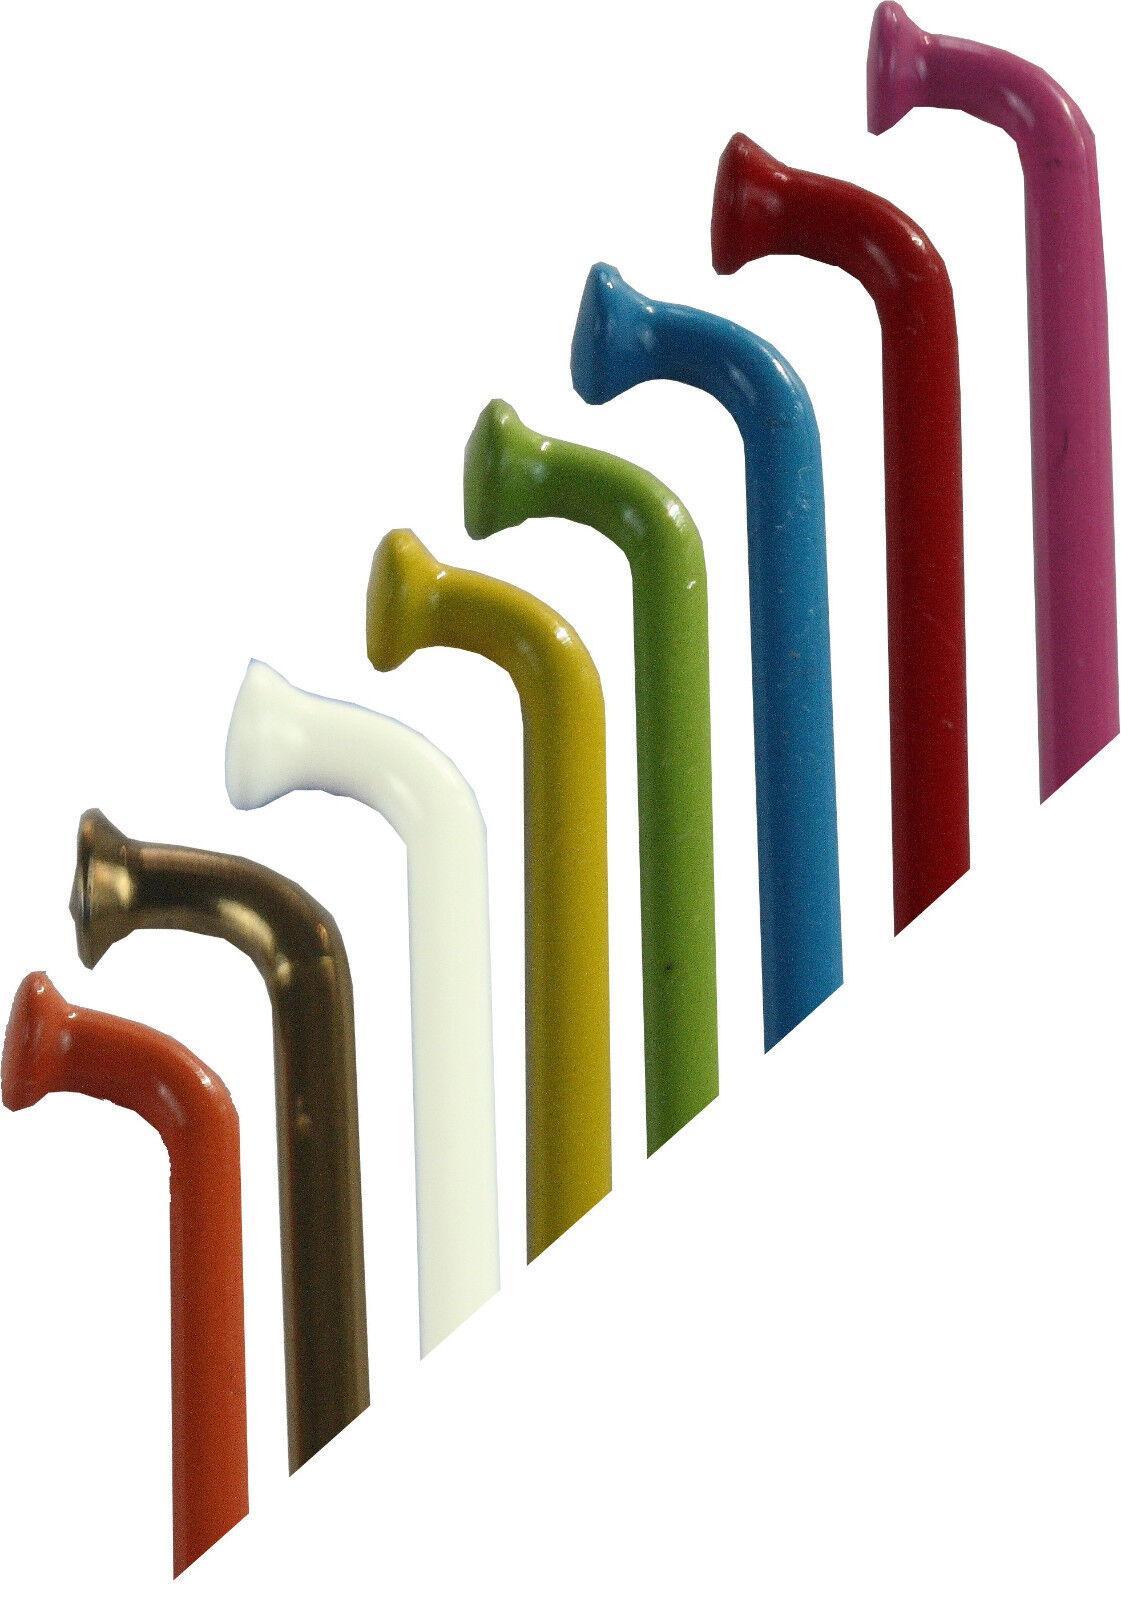 4 Speichen Länge 108 mm Pillar Spokes PSR 14 in diversen Farben